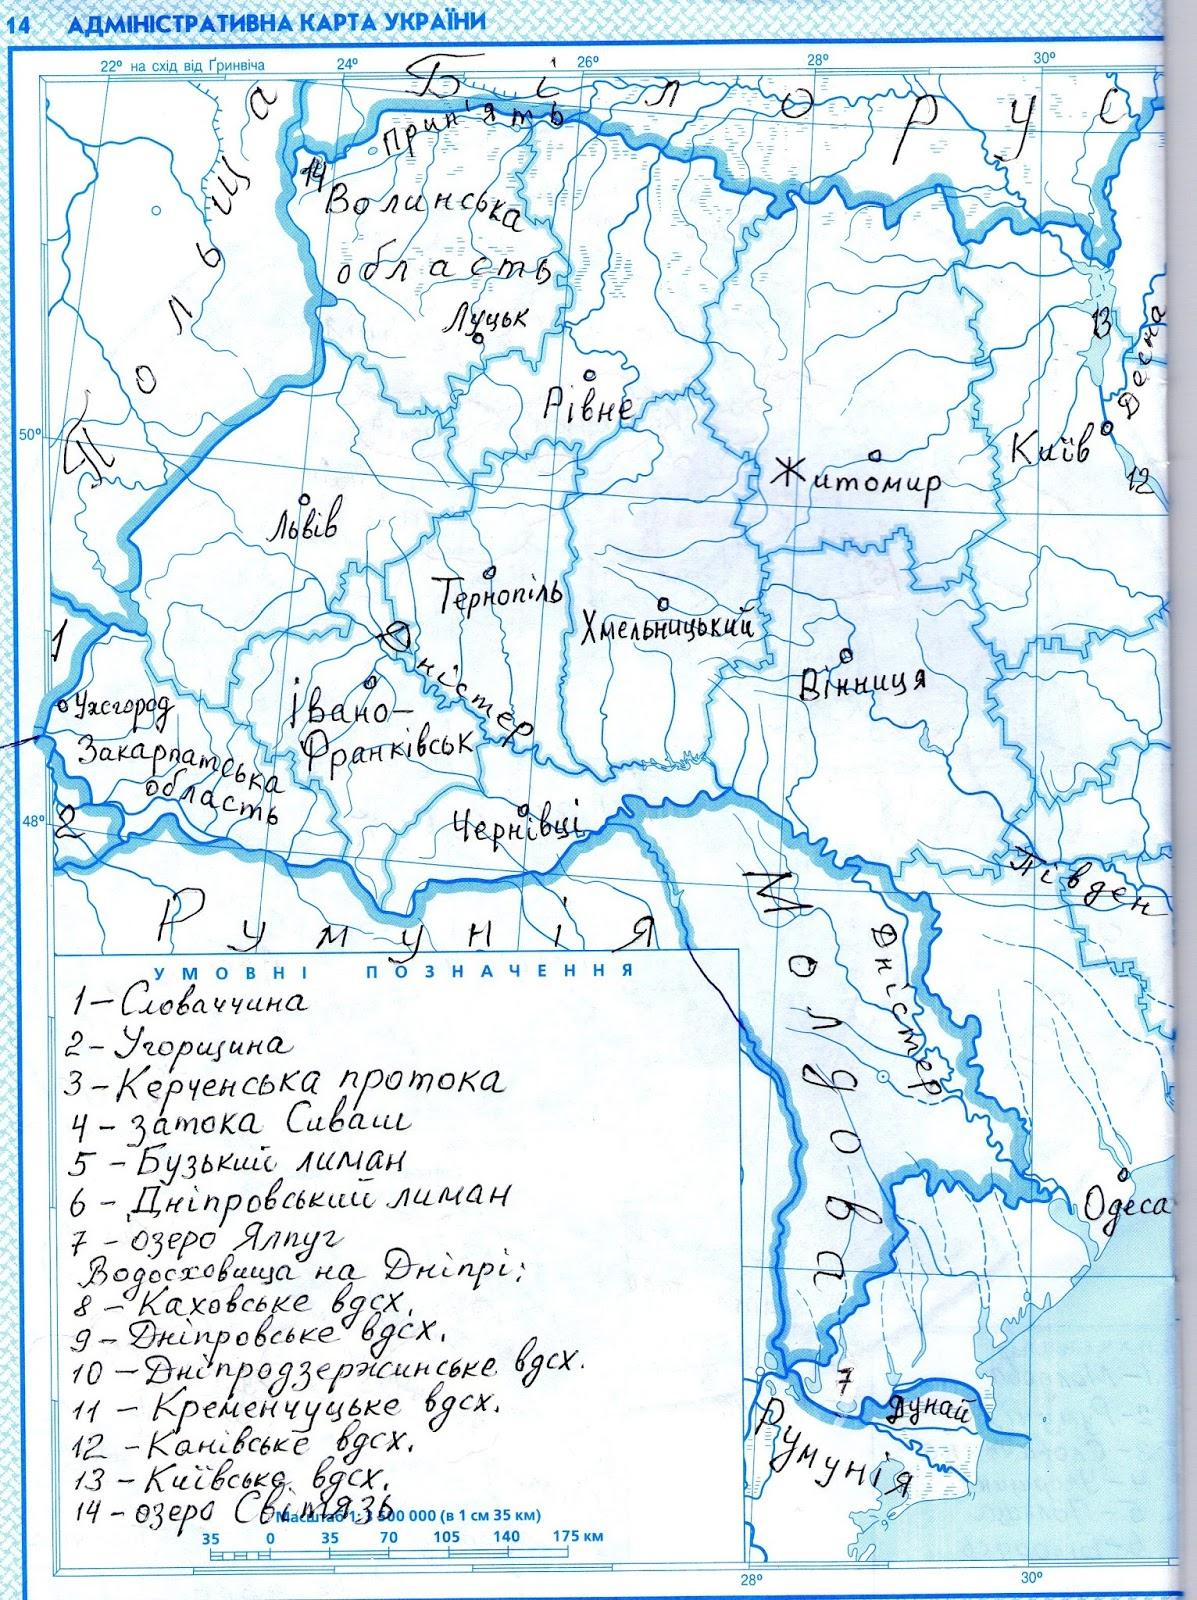 контурна карта по географії клас гдз 8